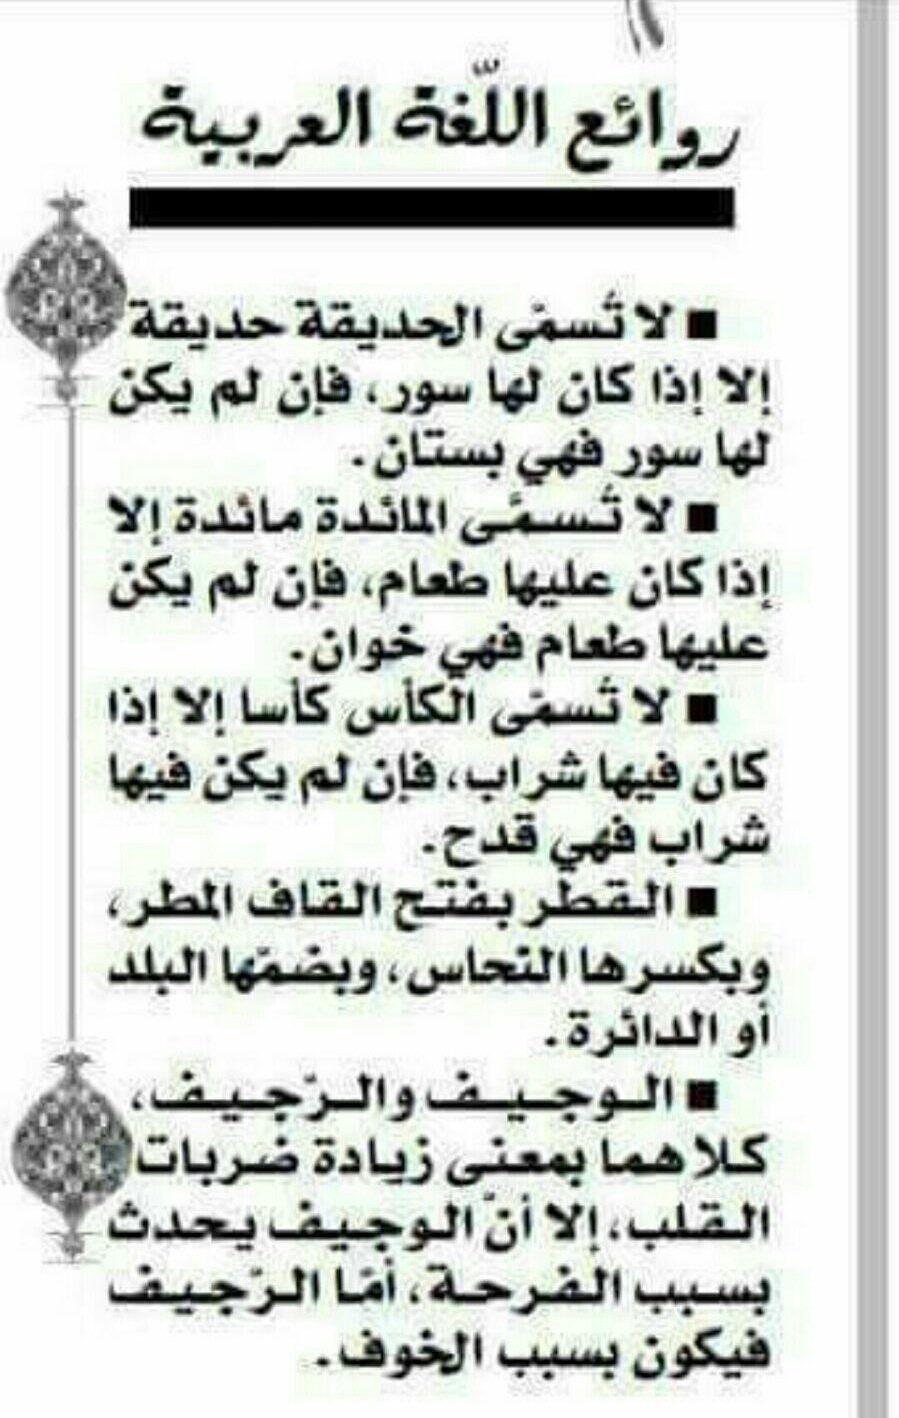 صورة من روائع اللغة العربية , اجمل ما في اللغة العربية 2508